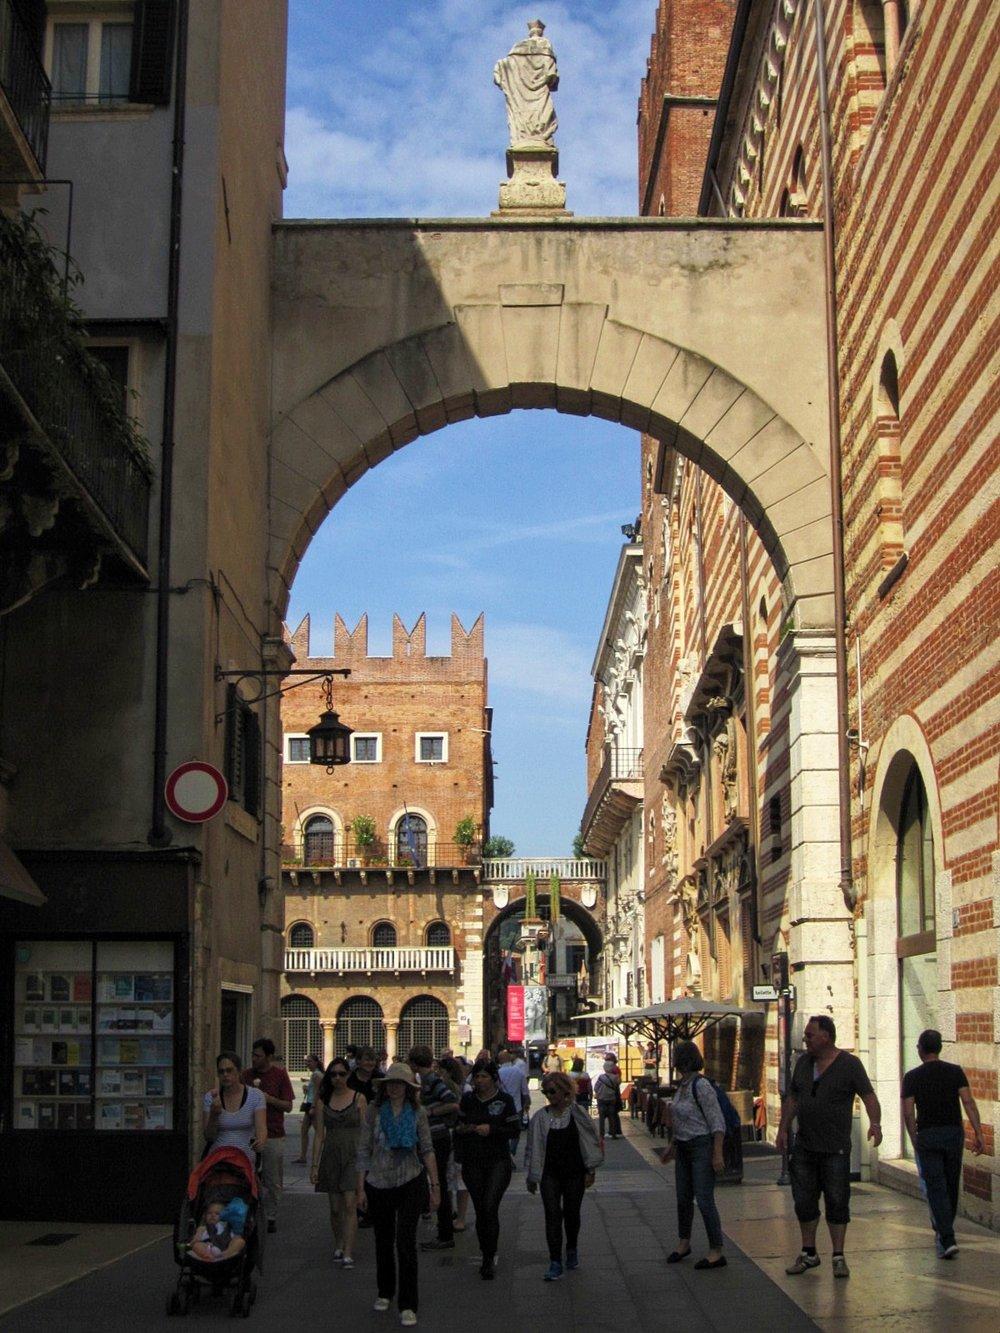 Arch and statue near Piazza delle Erbe